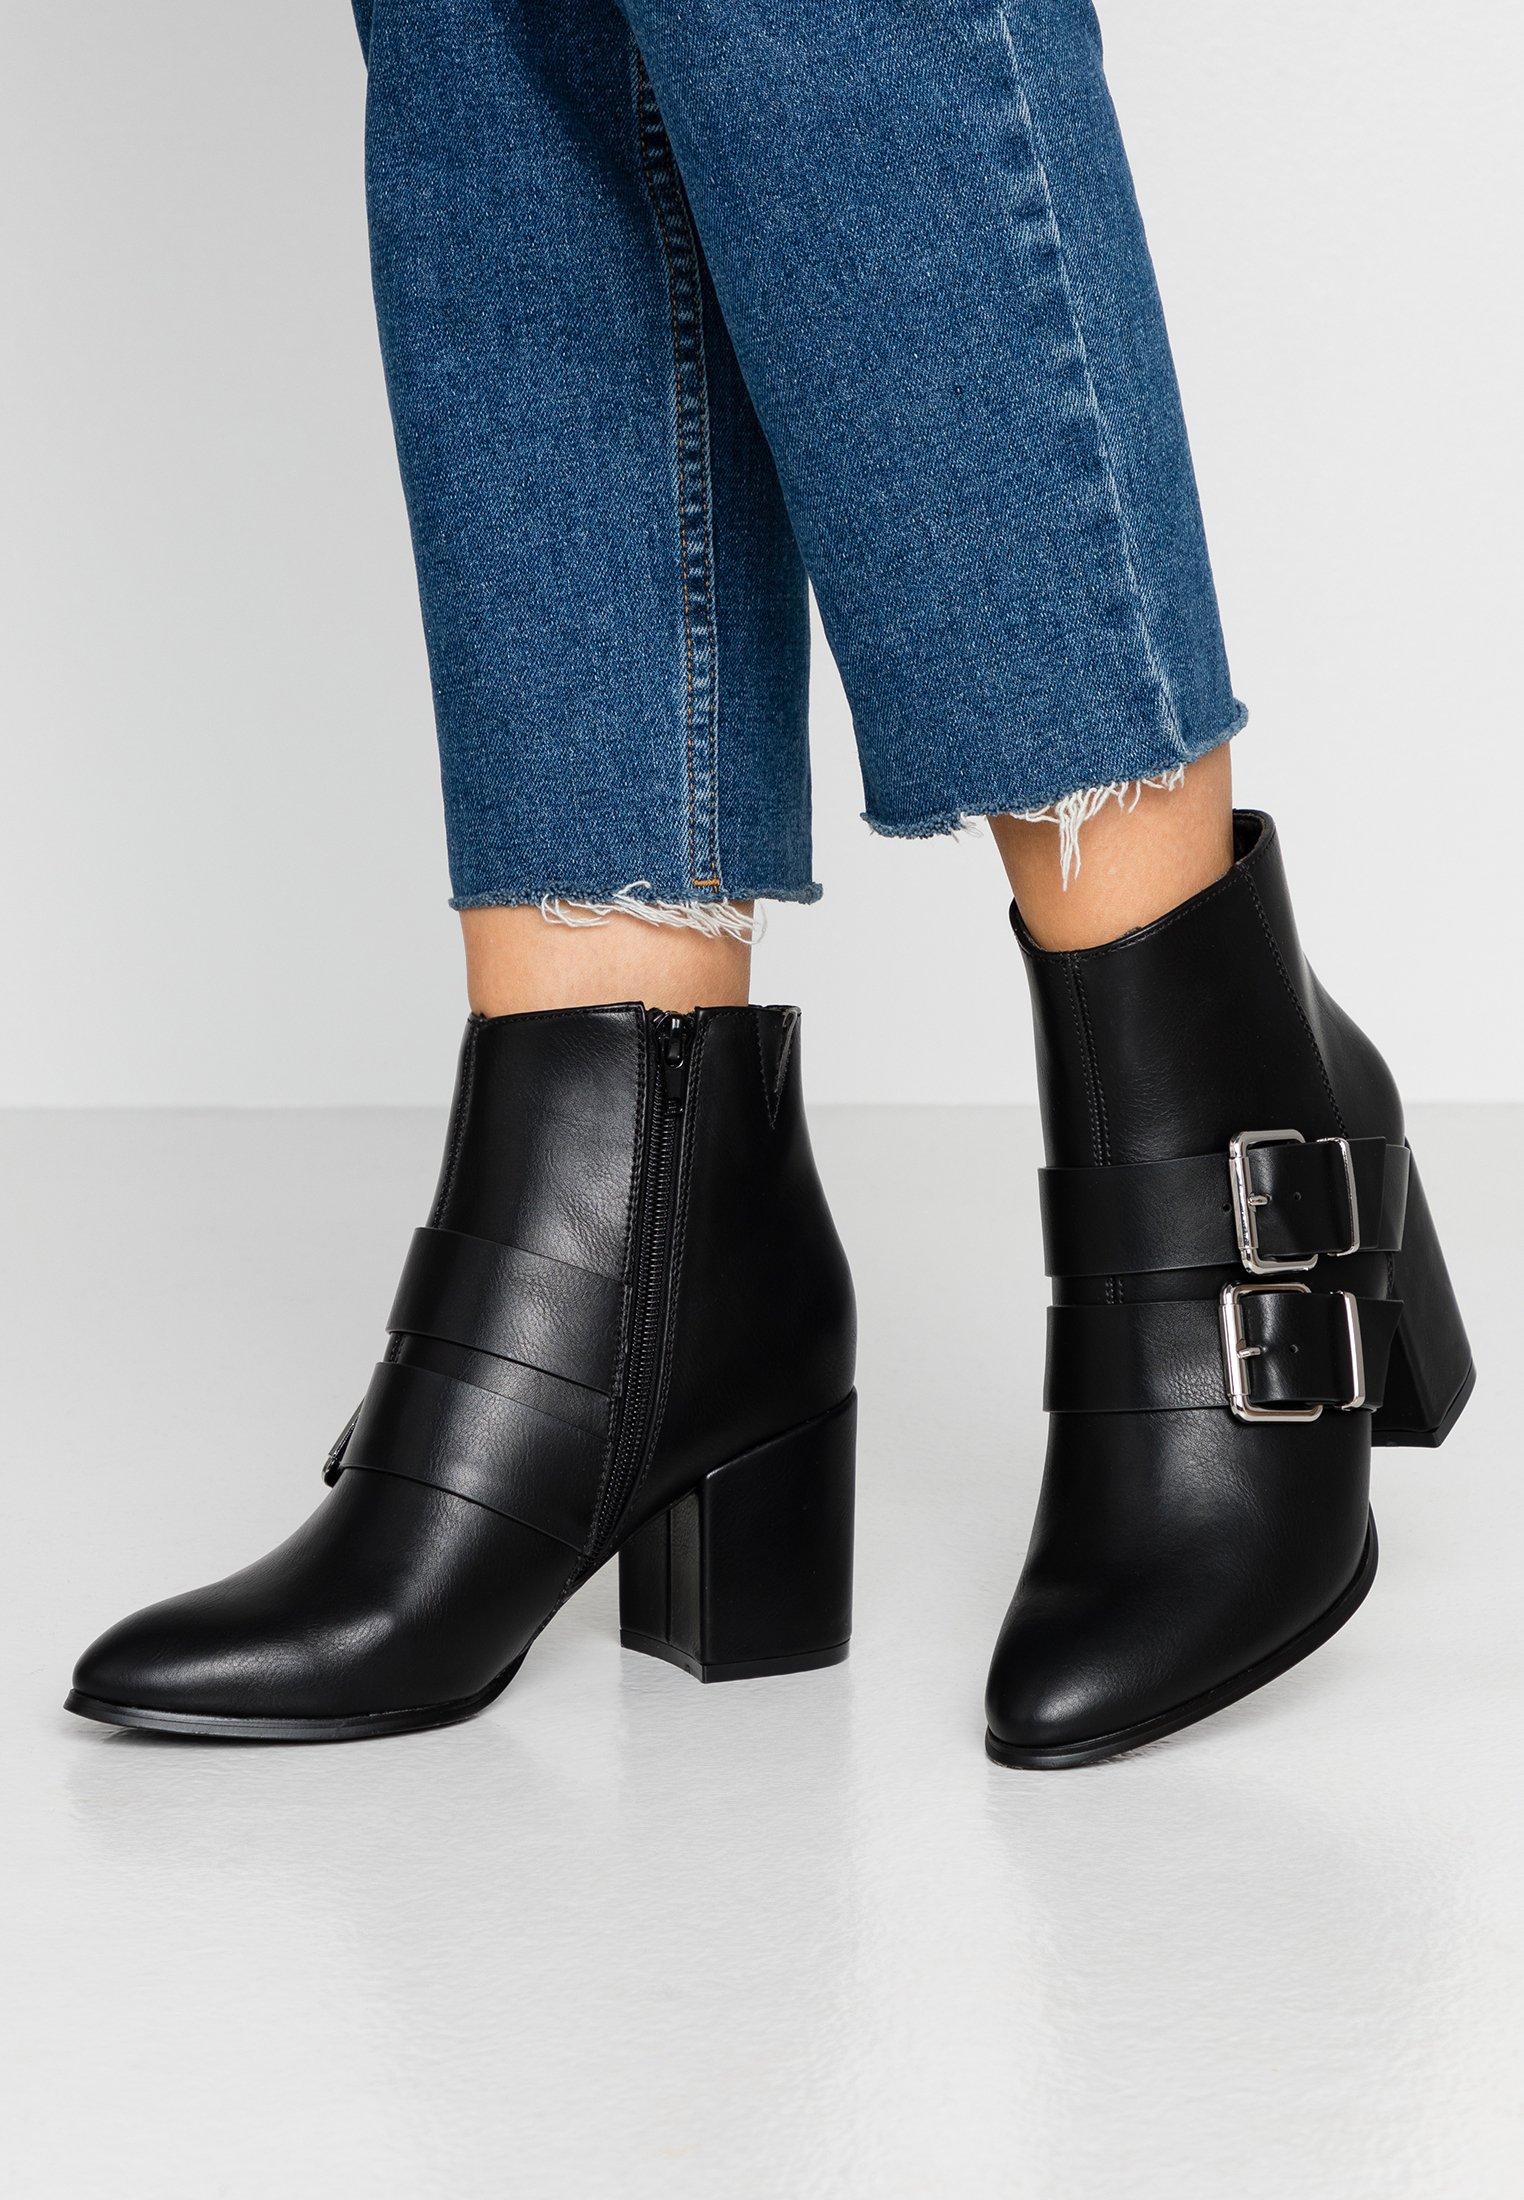 Bottines & Boots femme en promo | La sélection de Zalando